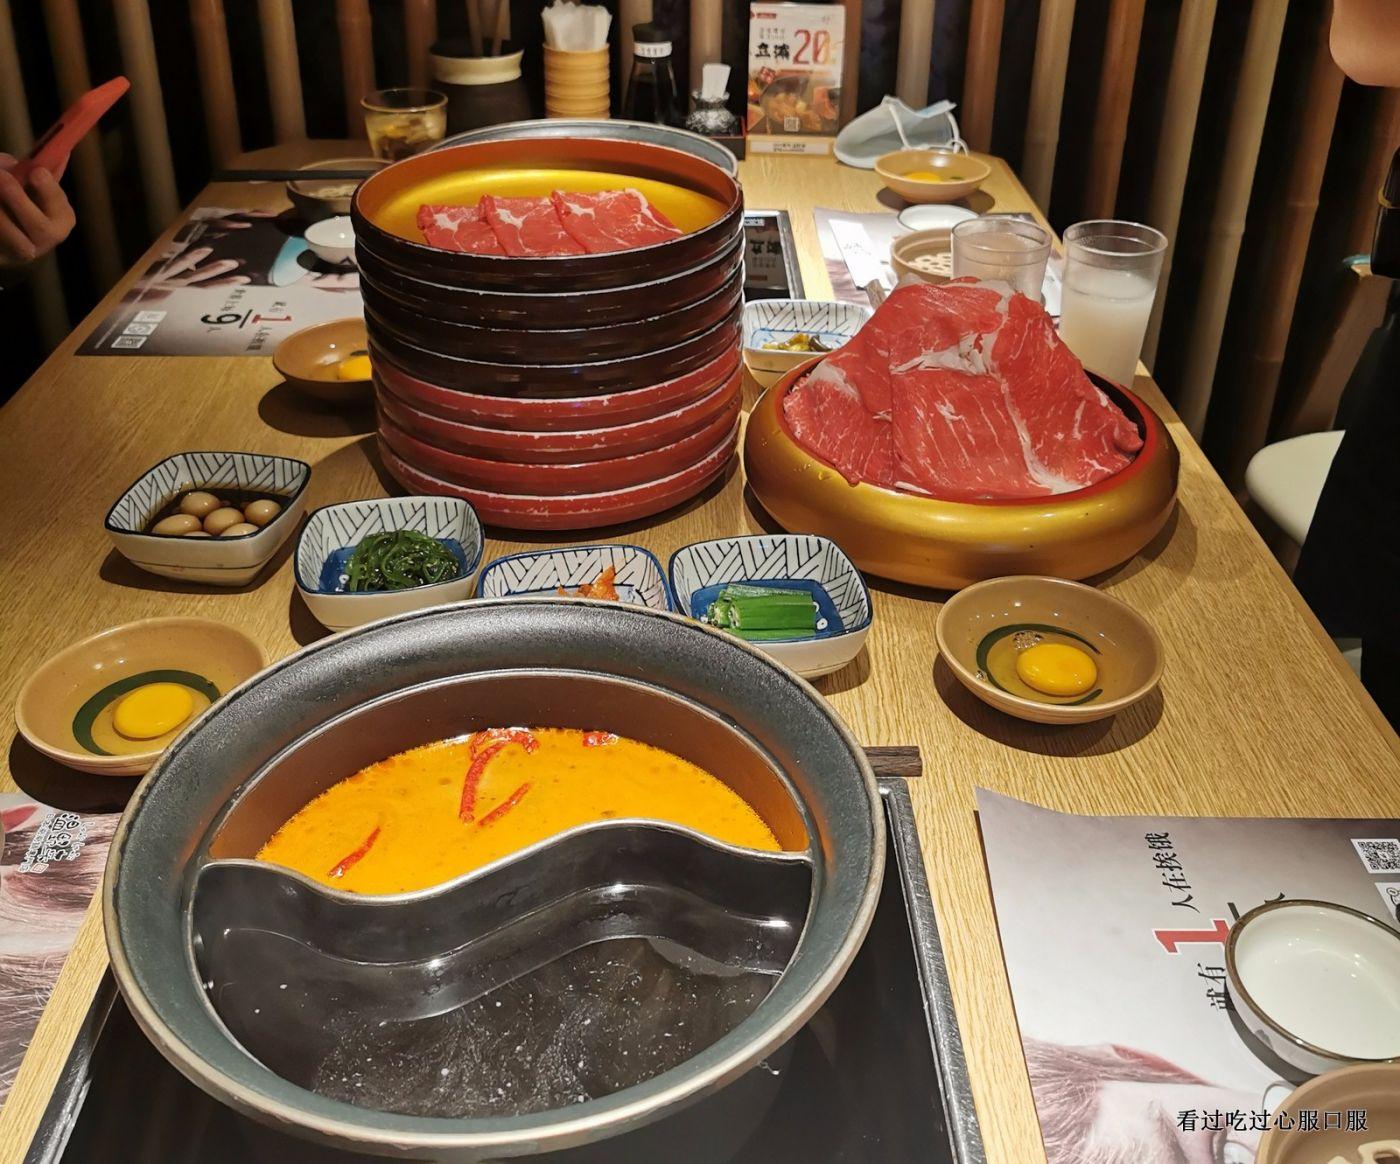 京城美食盘外招_图1-2